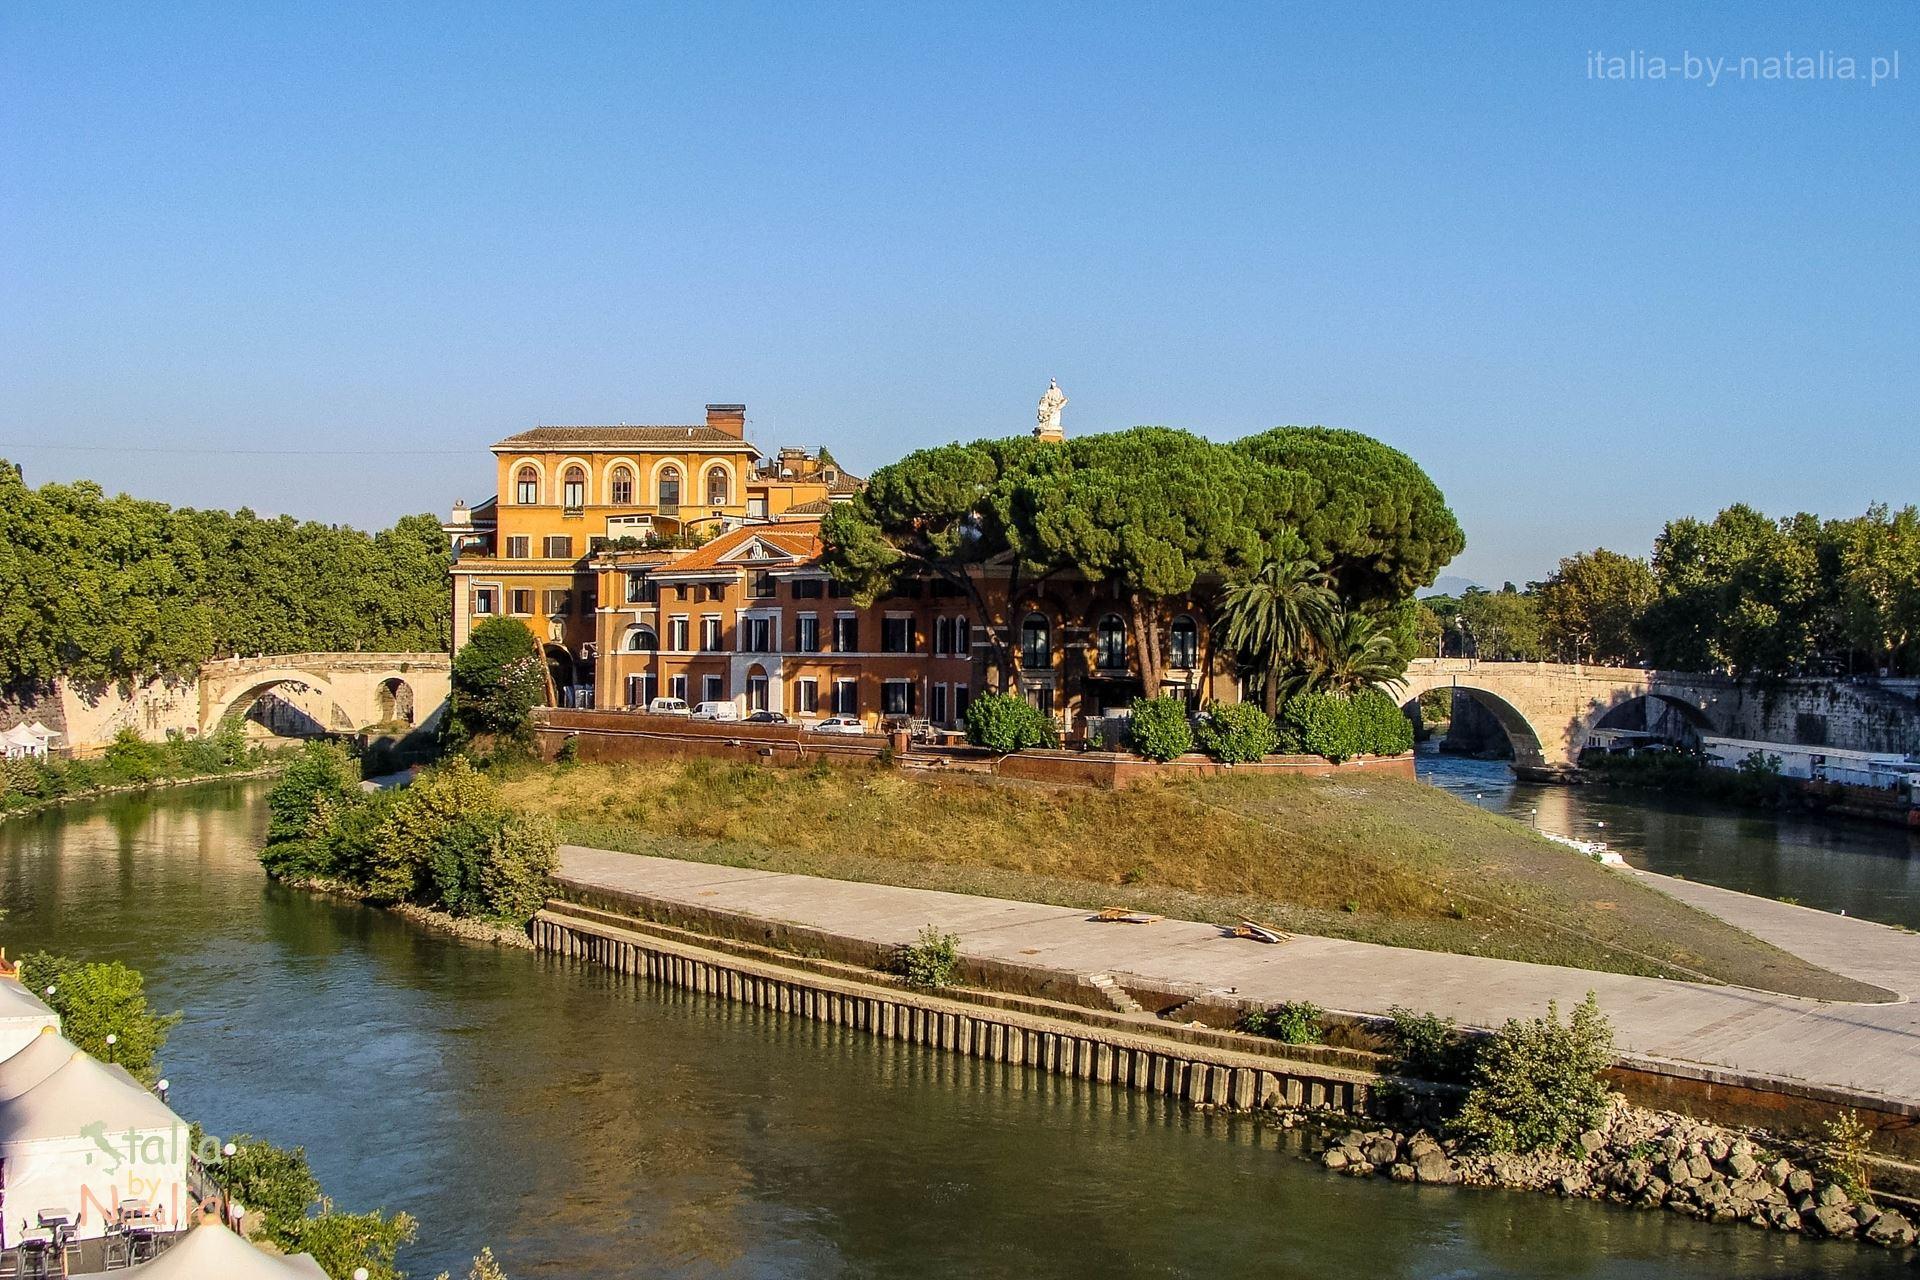 isola tiberina wyspa tyberysjka Rzym rome roma zwiedzanie